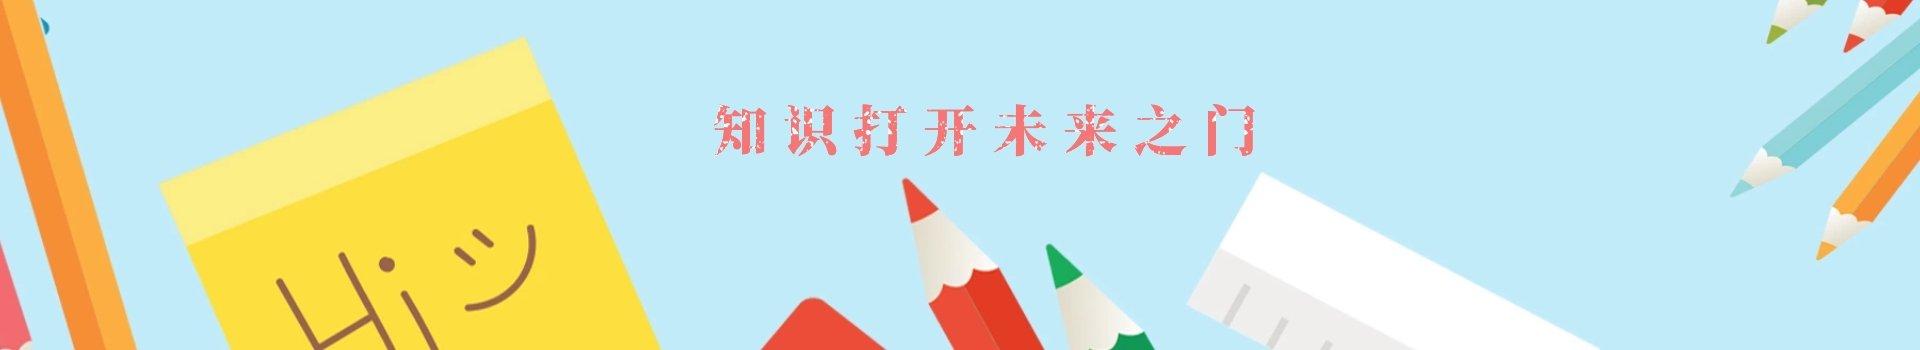 北京教师招聘考试培训班